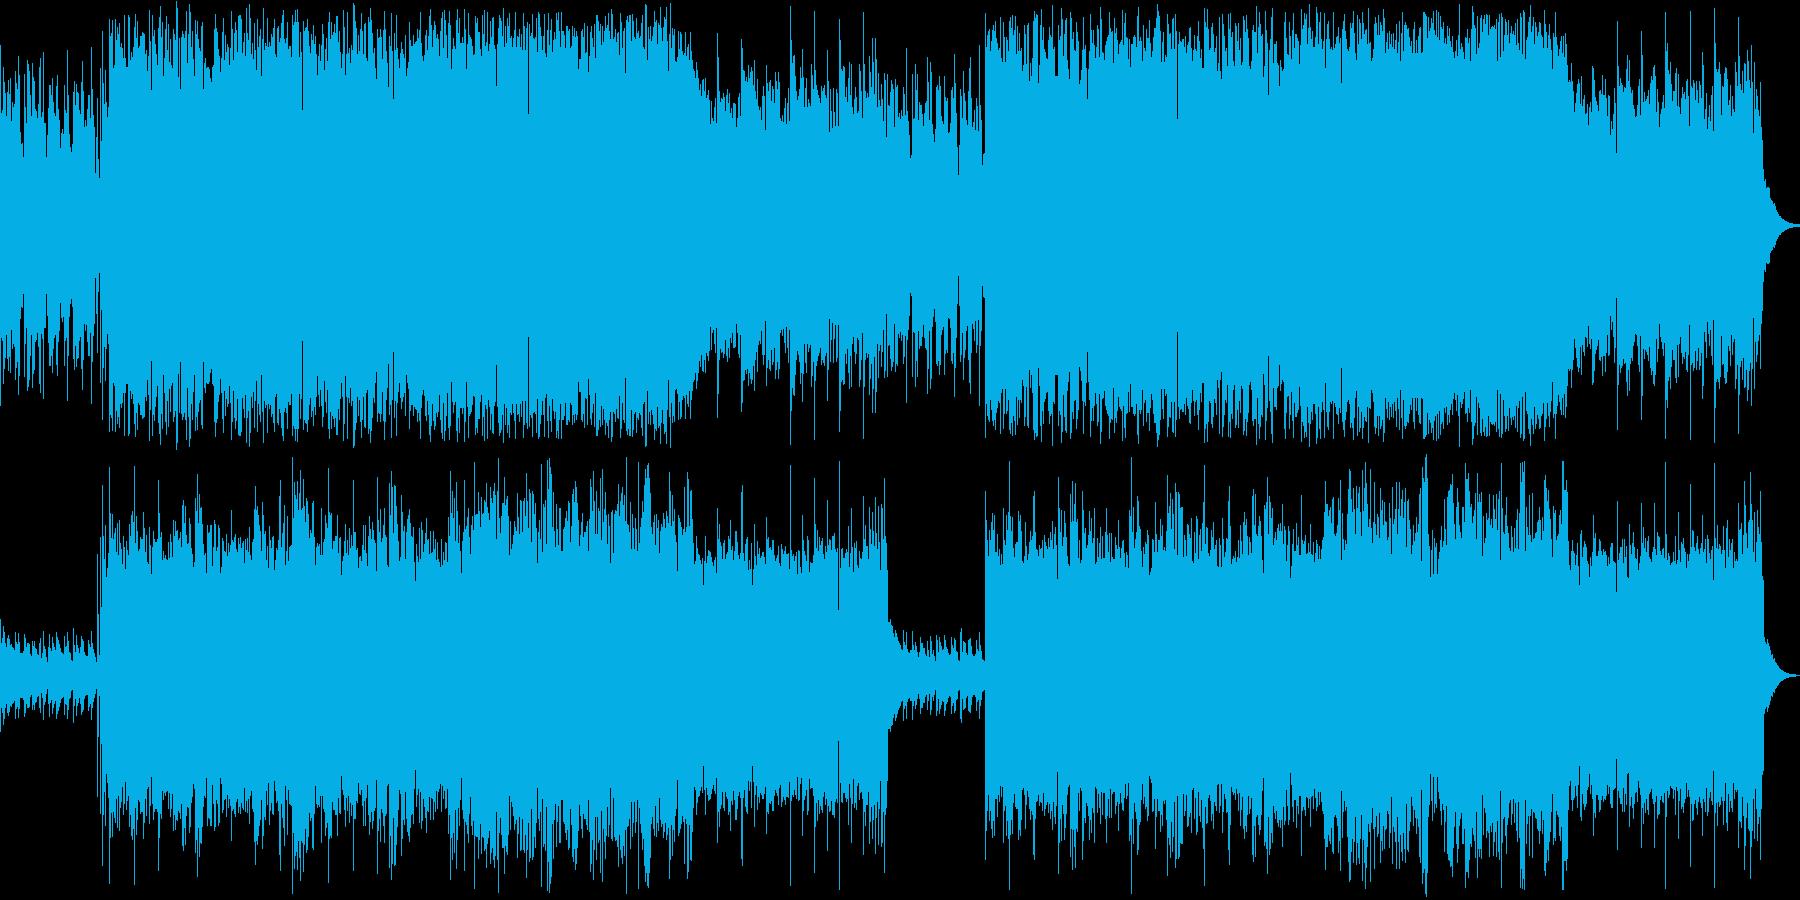 シリアスとコミカルな雰囲気のBGMの再生済みの波形